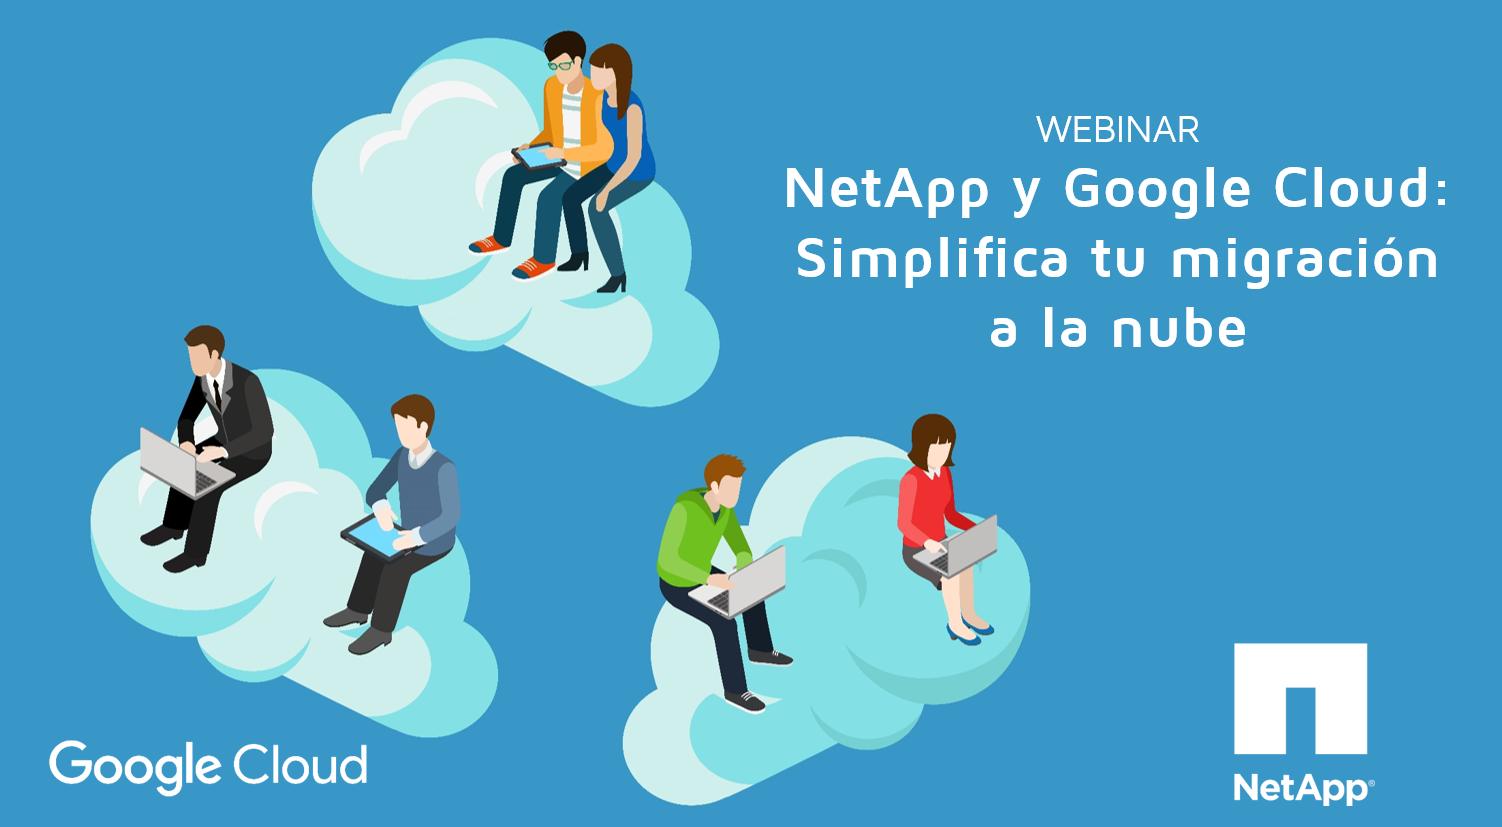 NetApp y Google Cloud: Simplifica tu migración a la nube